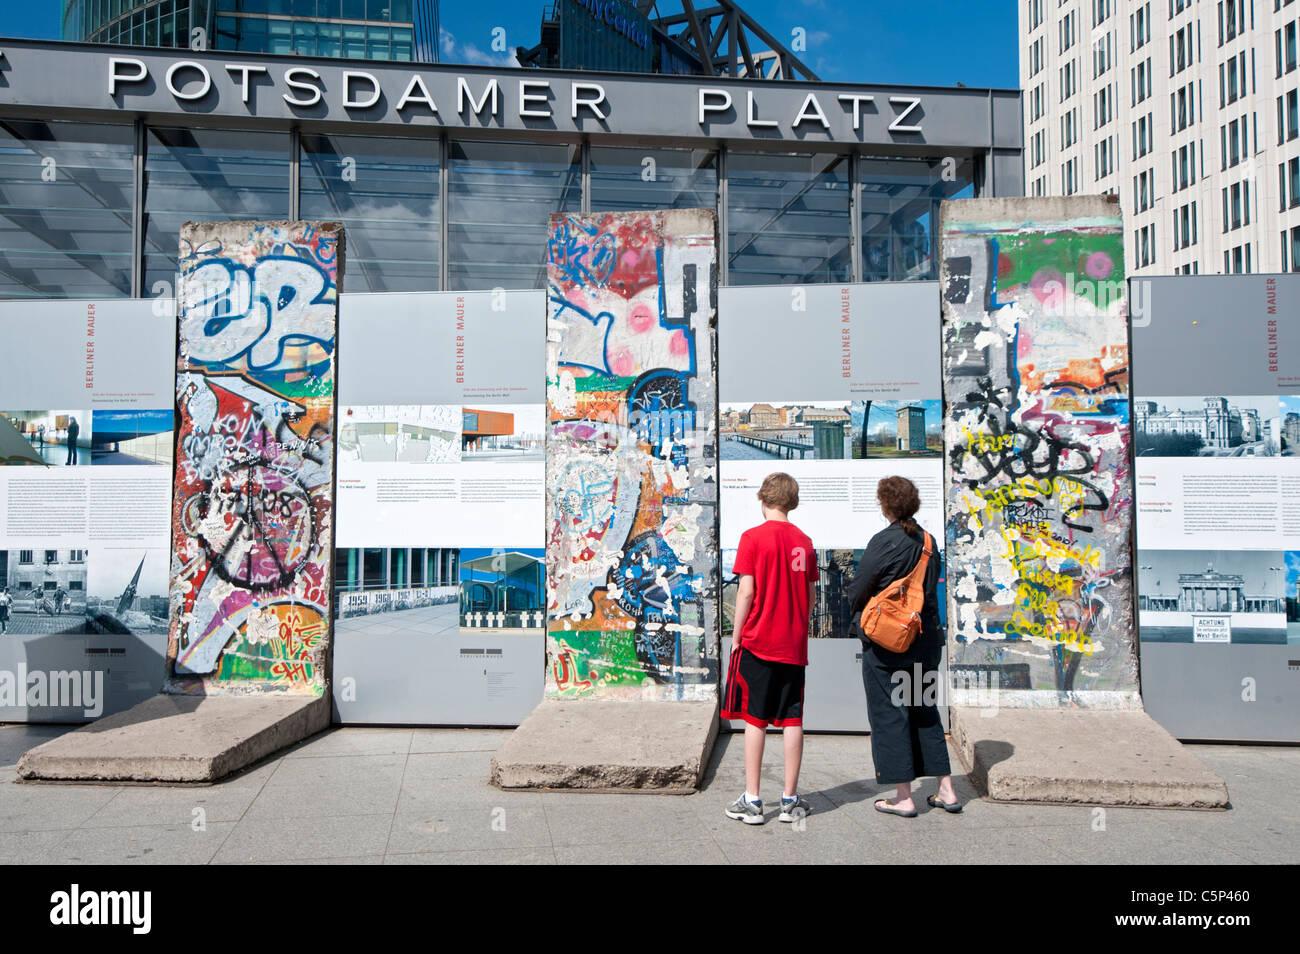 Les touristes à la recherche de sections d'origine du mur de Berlin à la Potsdamer Platz à Berlin Photo Stock